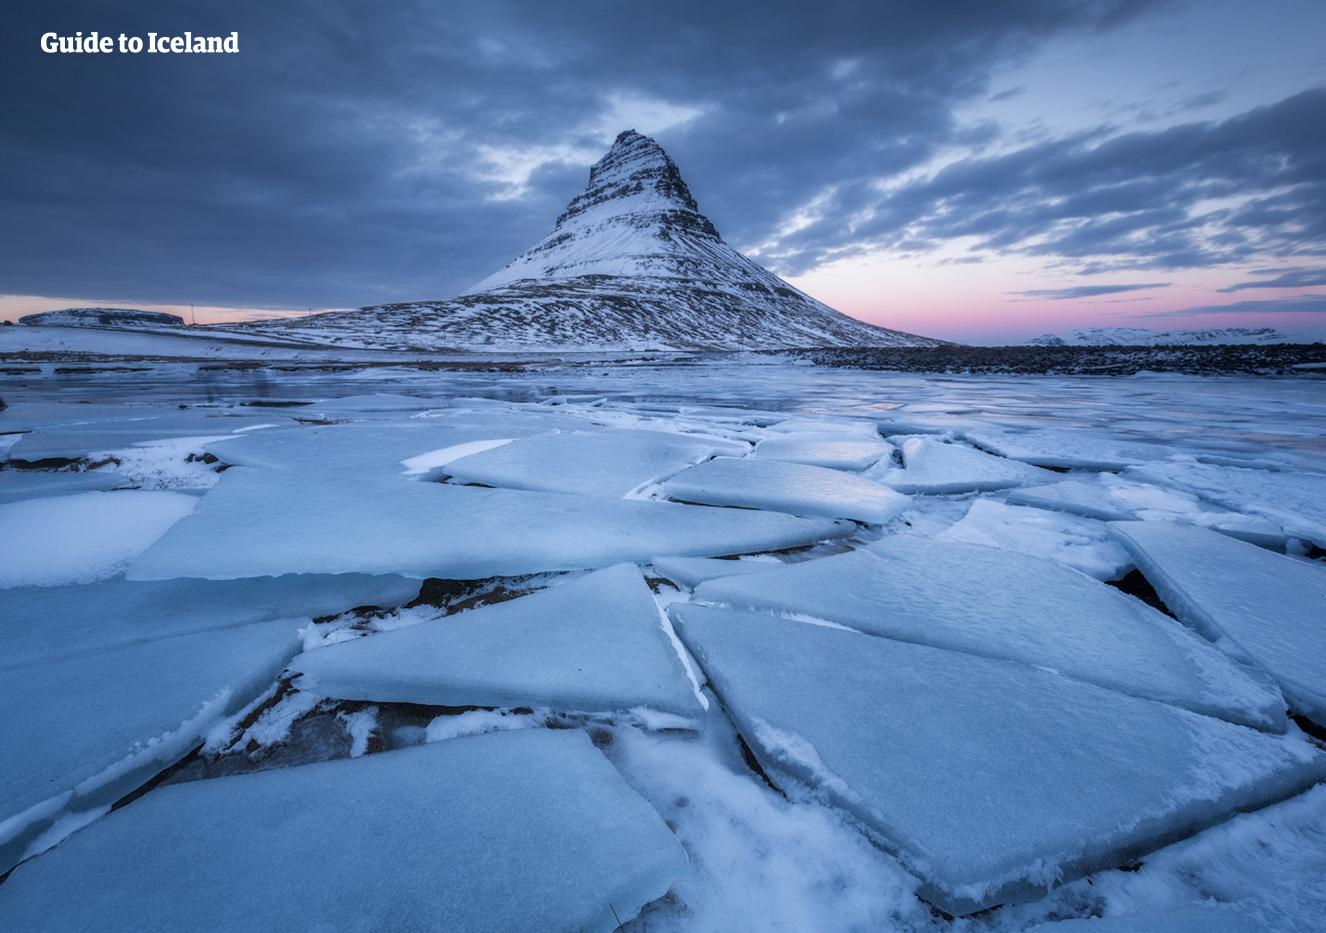 Die gefrorenen Landschaften der Halbinsel Snæfellsnes umgeben den Berg Kirkjufell.